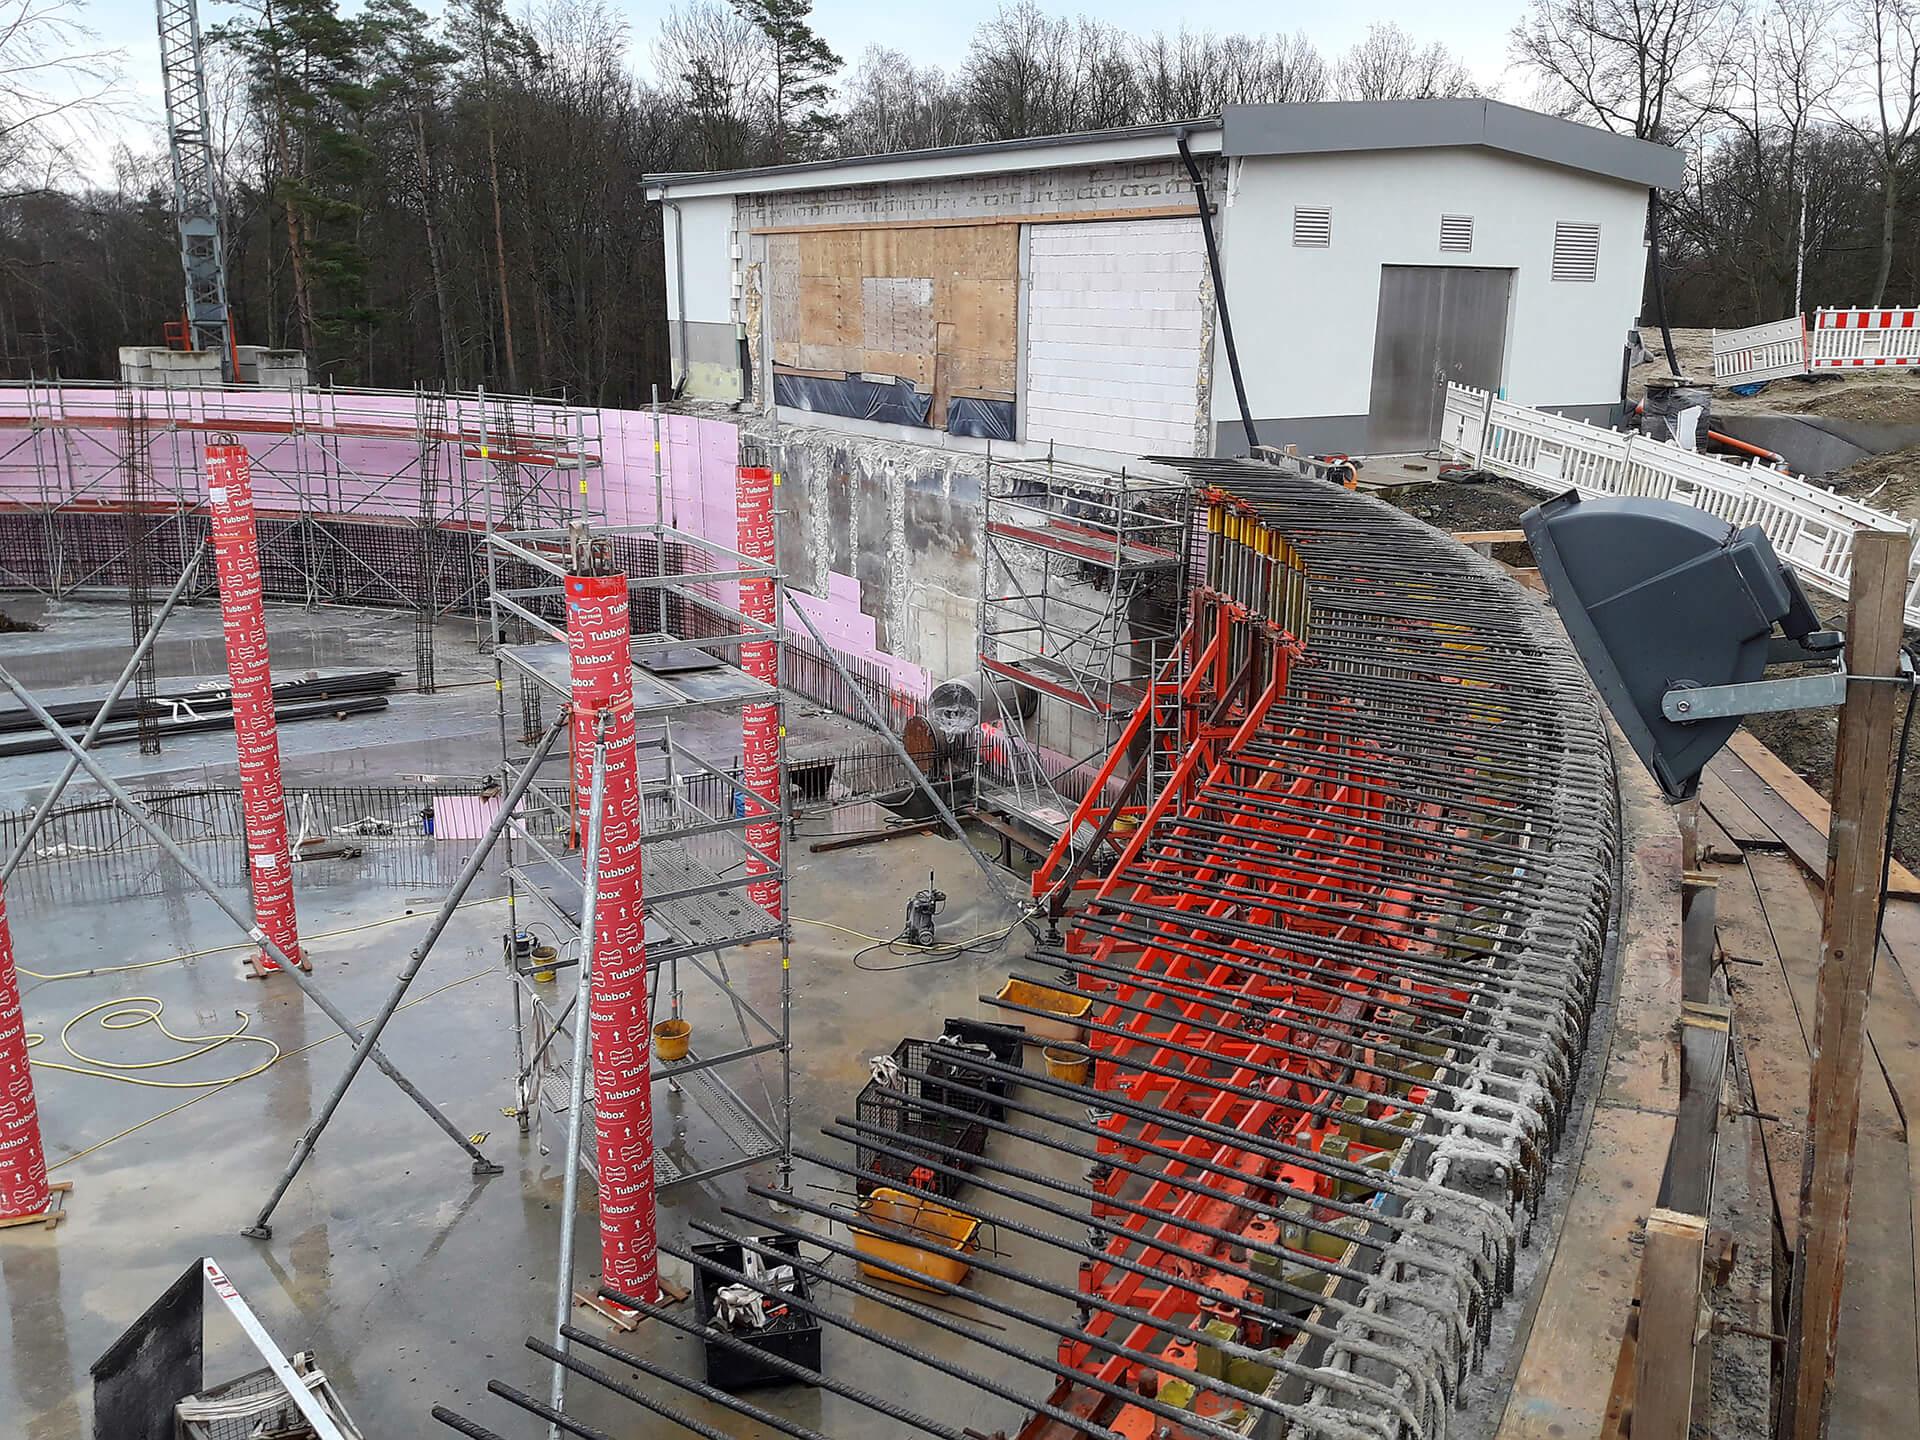 Bau der Wasserkammer 2: vorn rechts im Bild bereits die Anschlussbewehrung für Wand und Decke der neuen Kammer